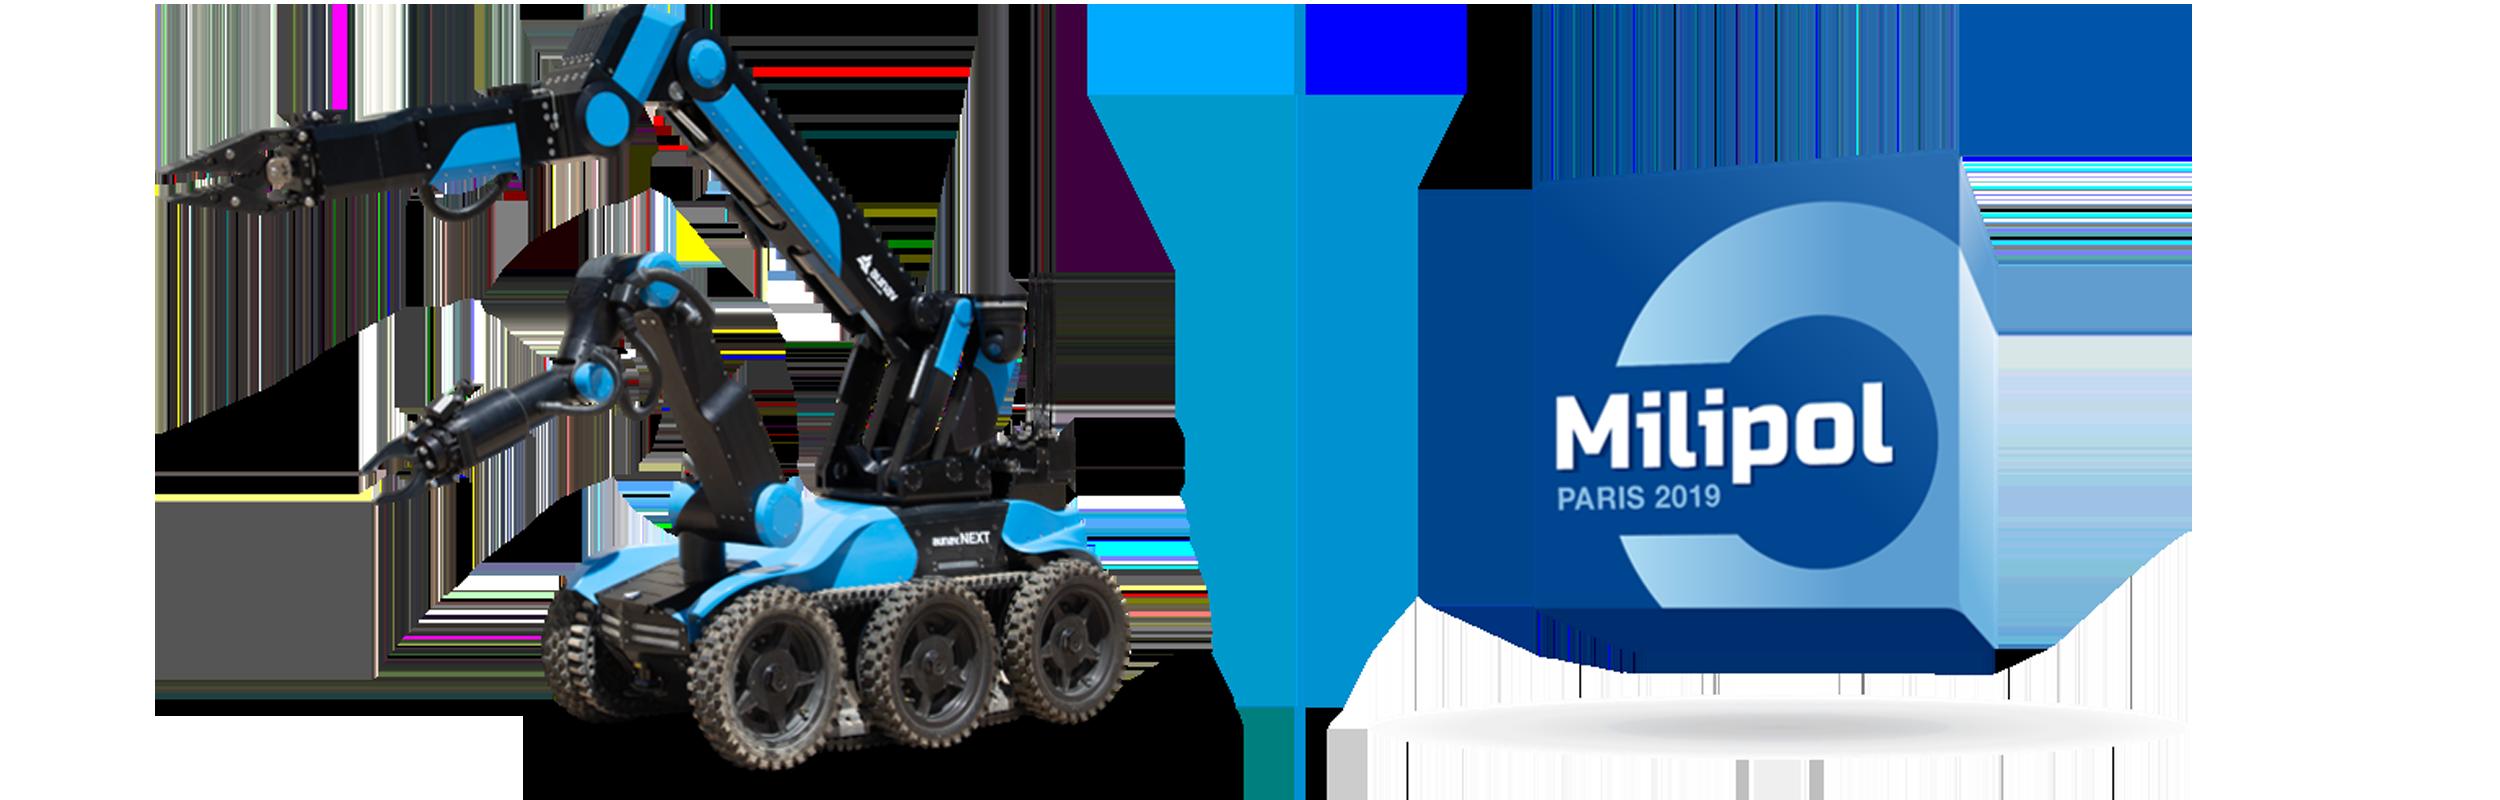 El aunav.NEXT estará presente en Milipol Paris 2019